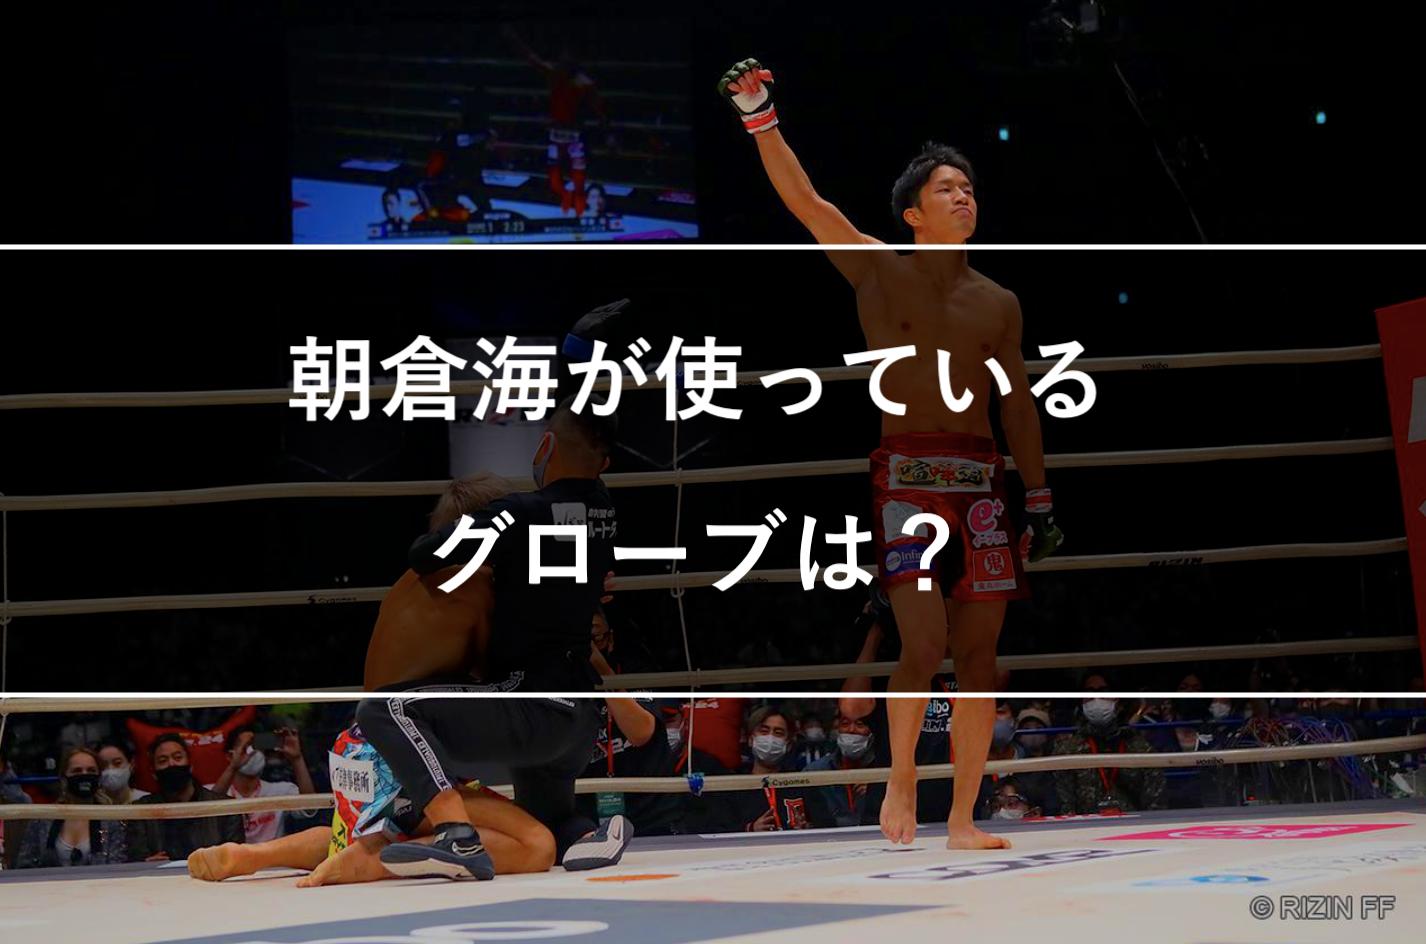 【総合格闘技】朝倉海が使っているグローブを紹介|元格闘家が徹底解説